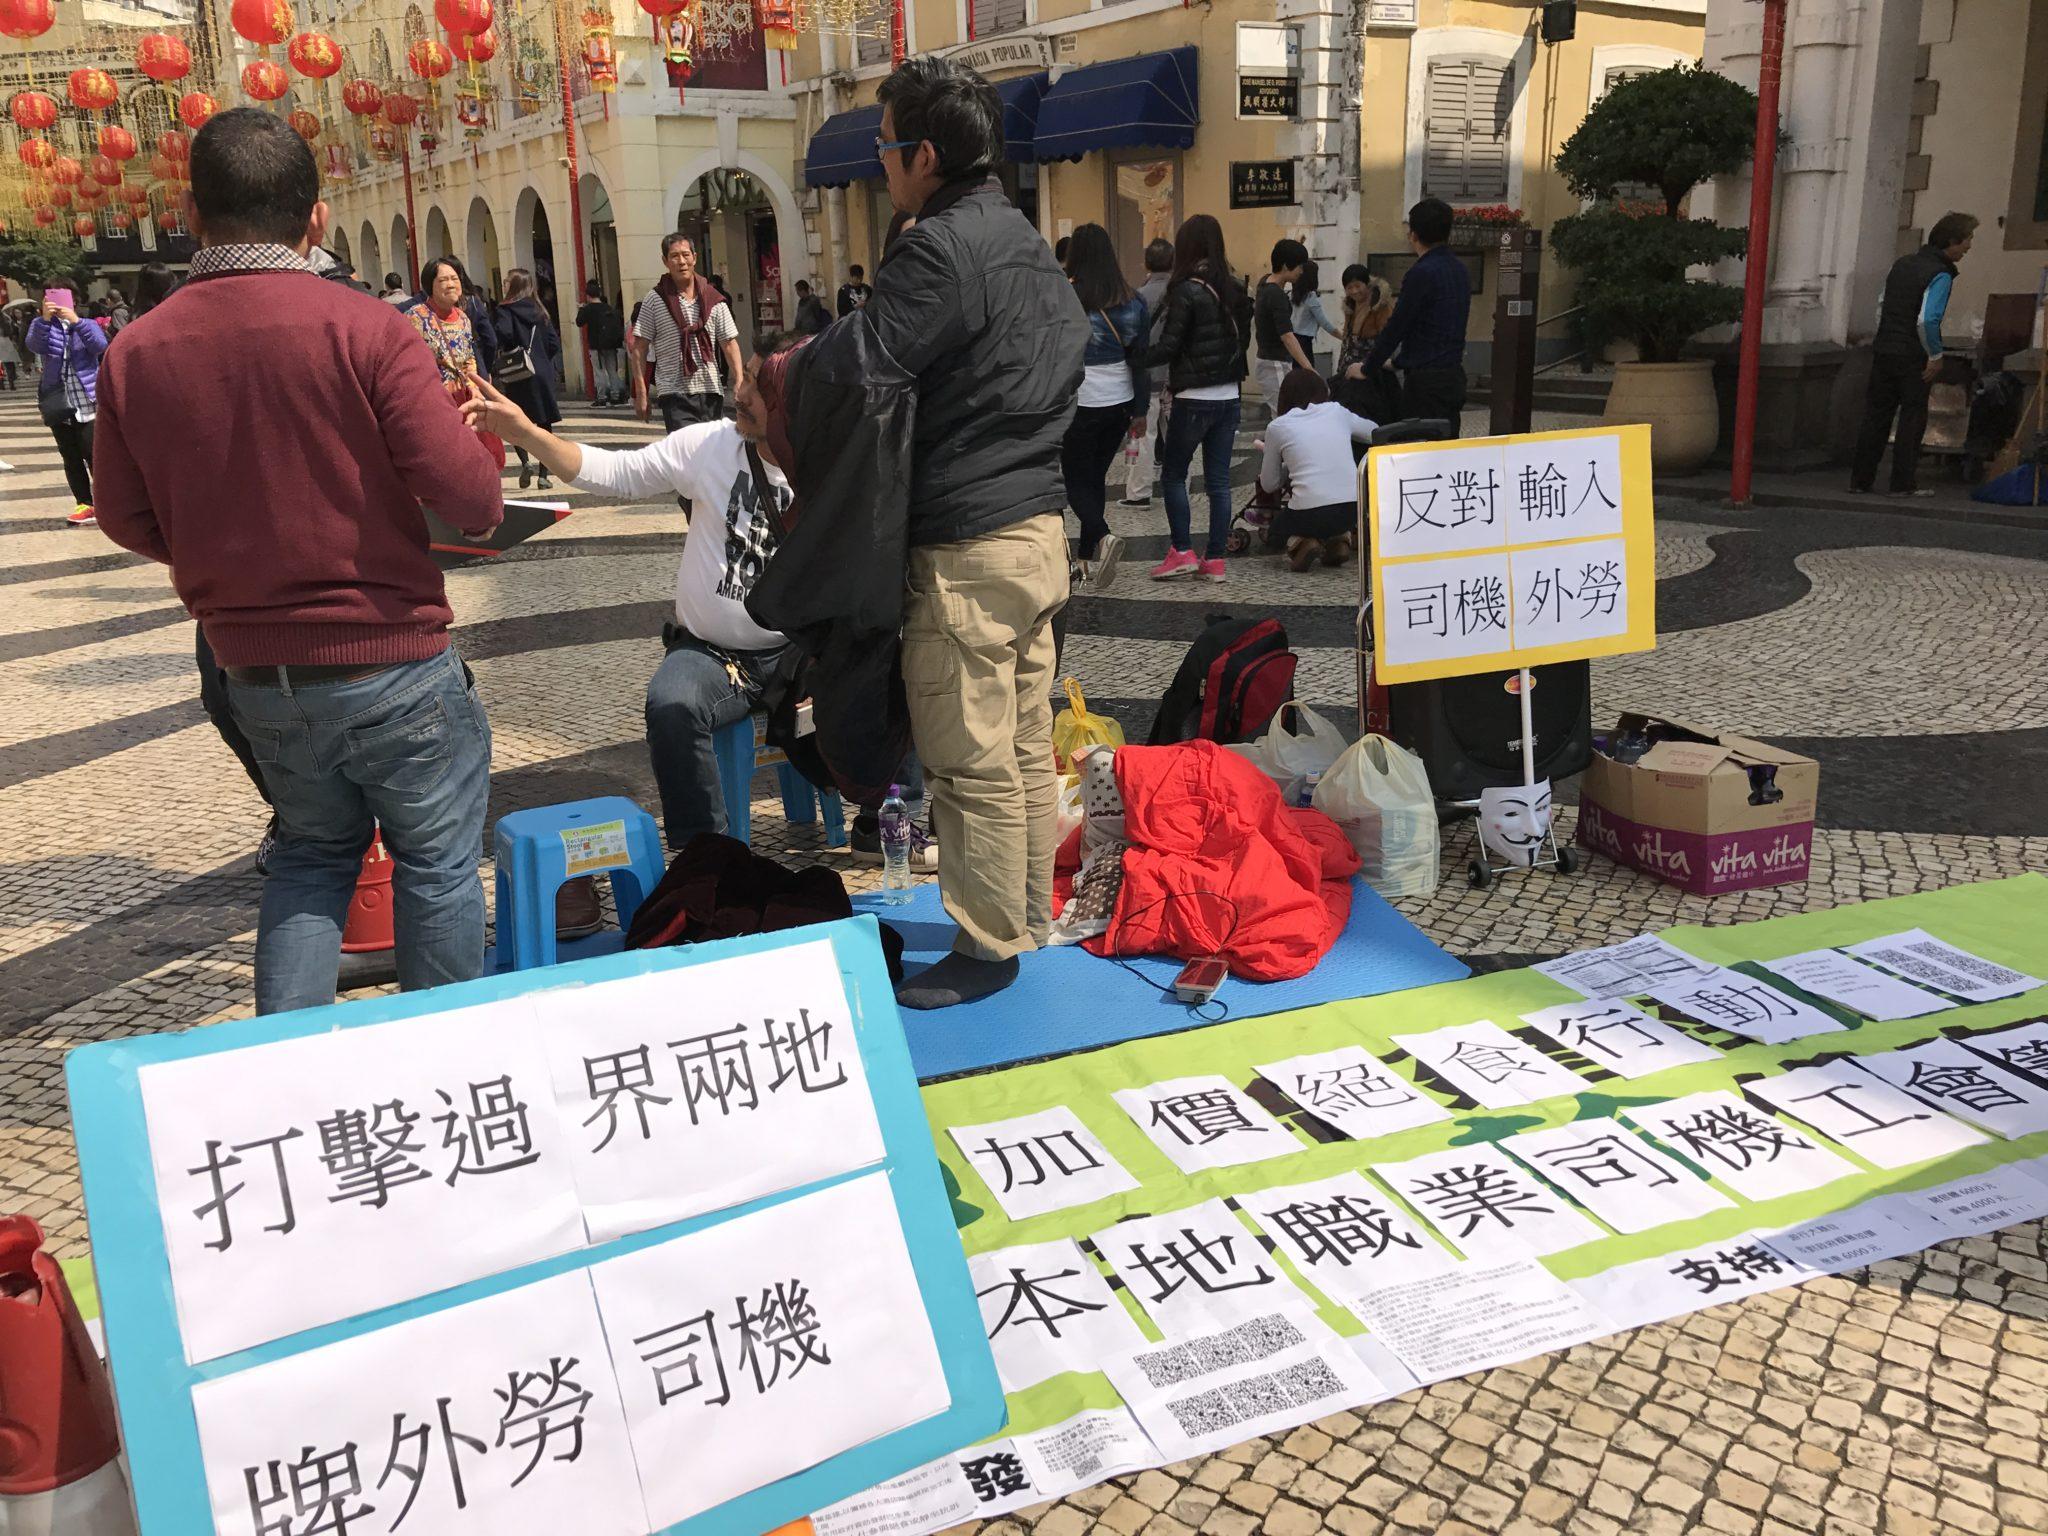 Protesto | Motoristas acampam no Leal Senado